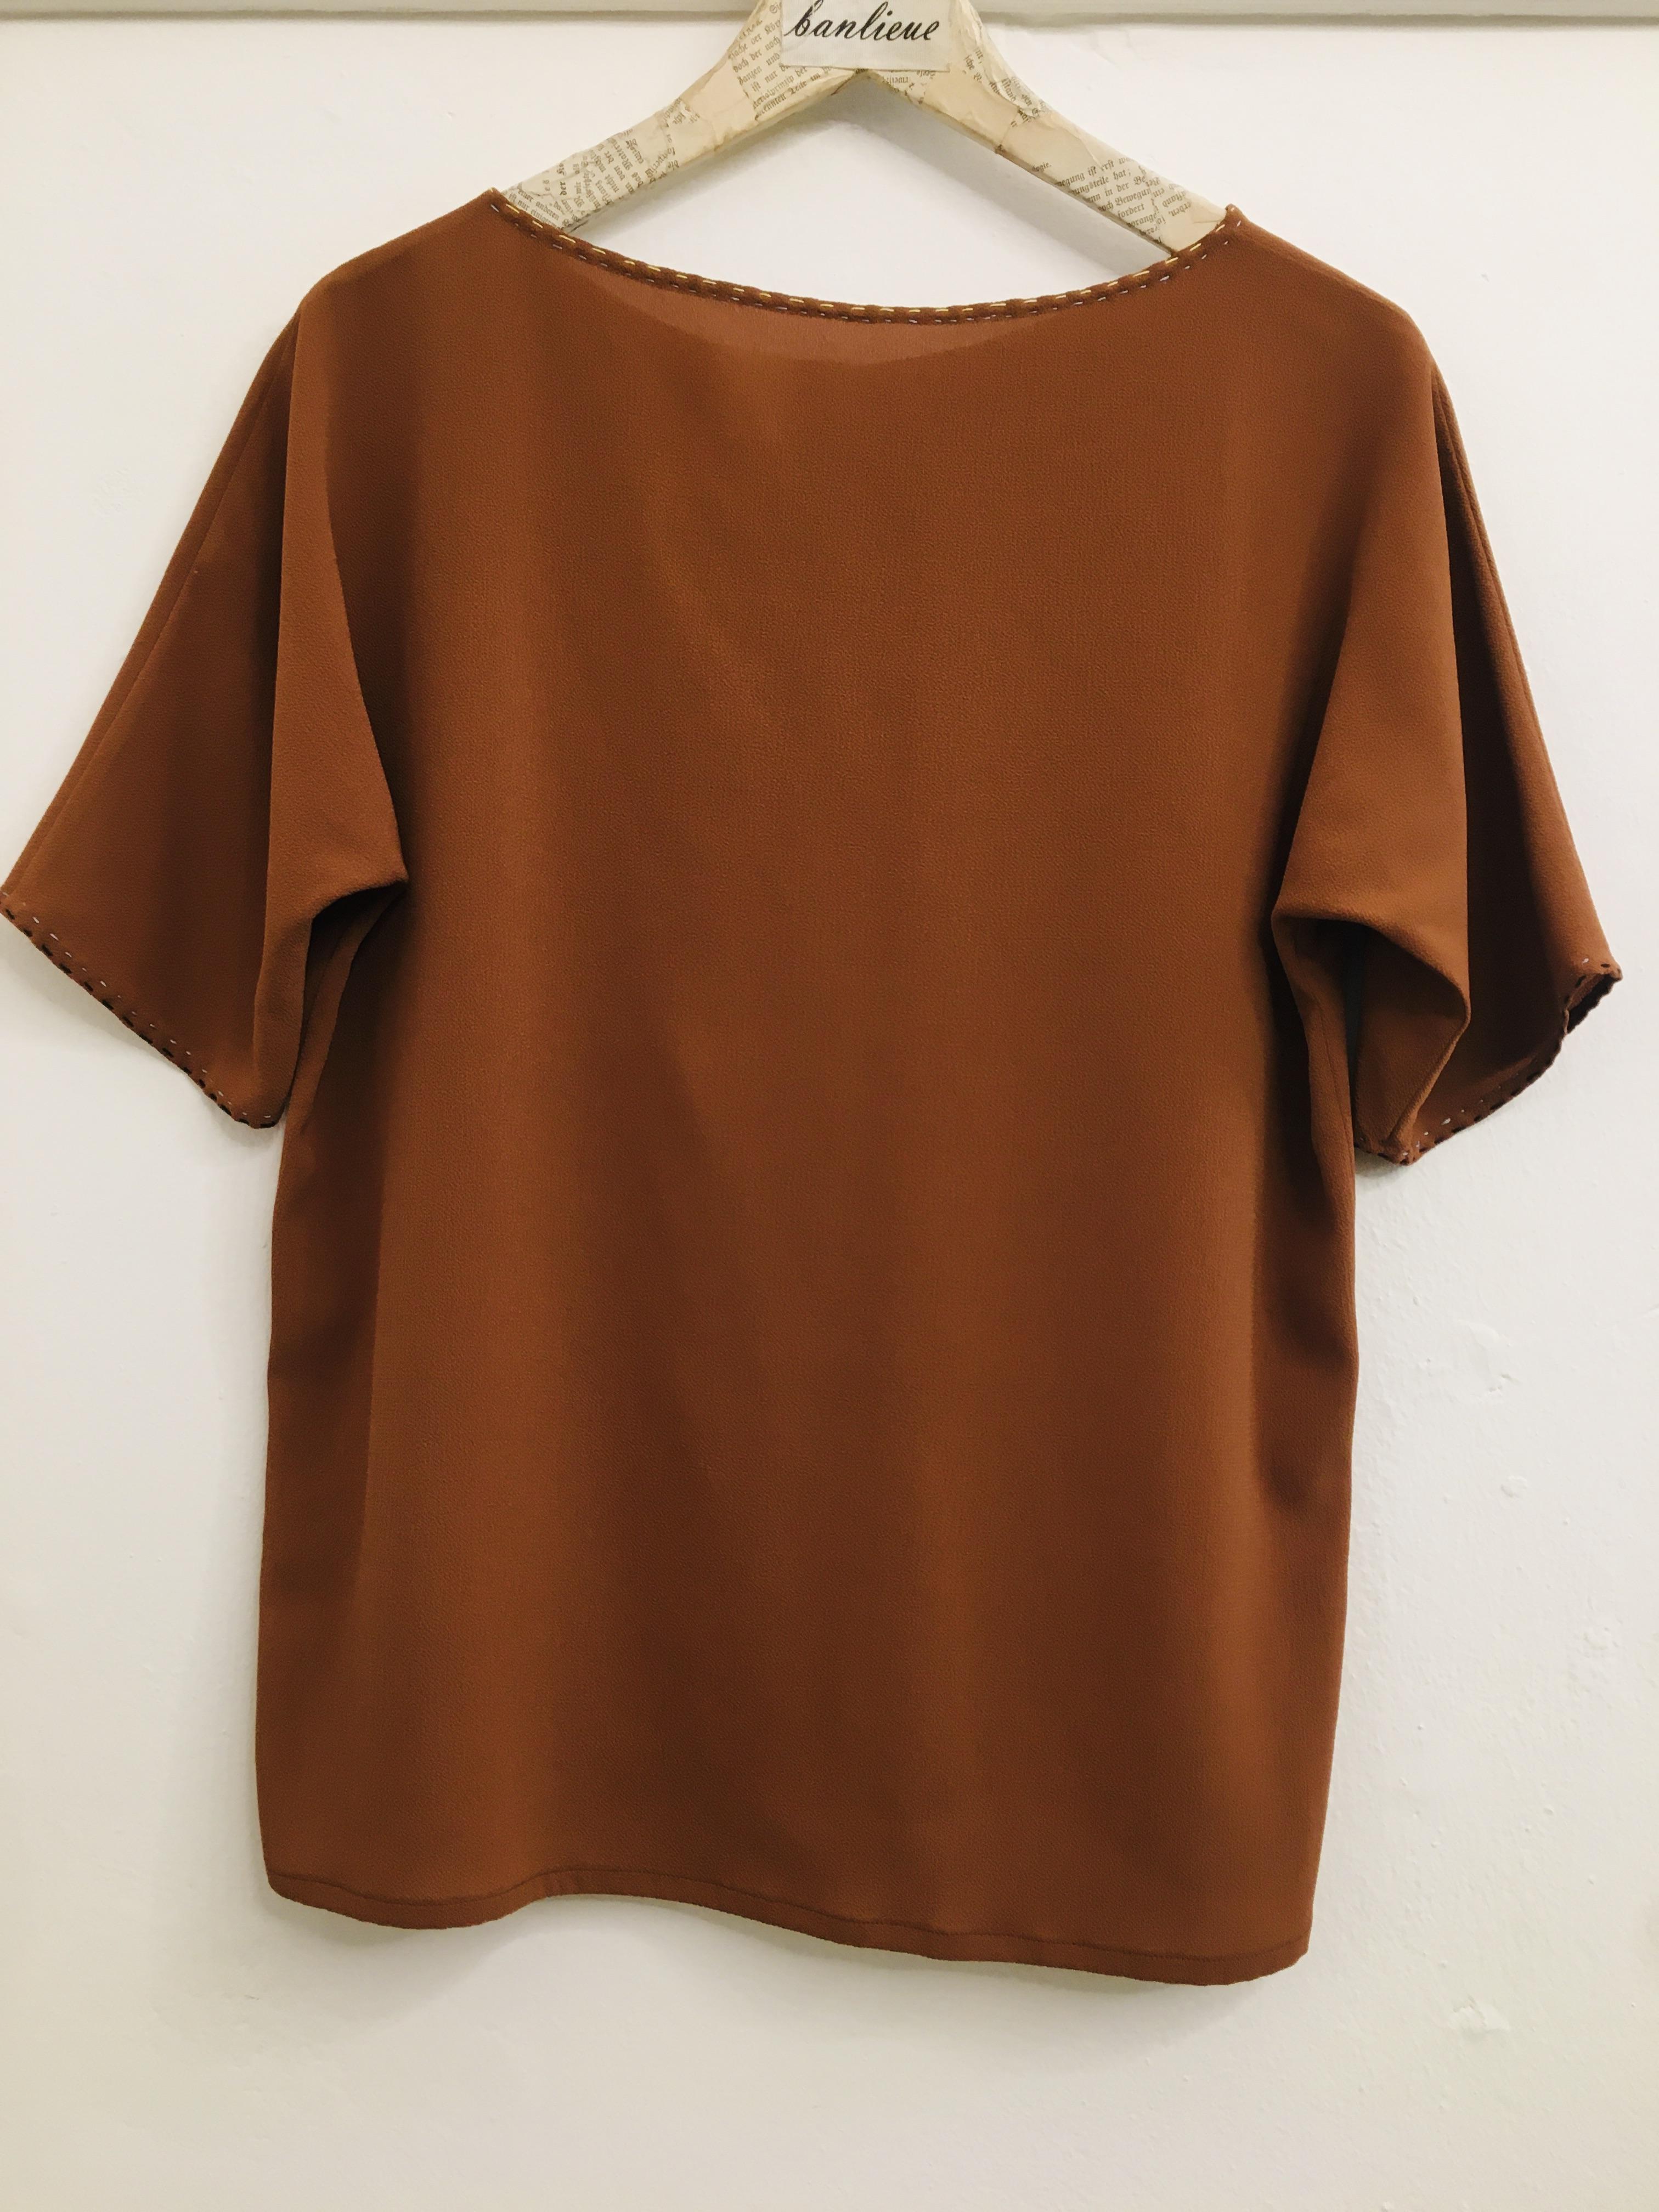 Blusa donna| in viscosa e seta| color biscotto| modello sartoriale| scollo tondo| made in Italy